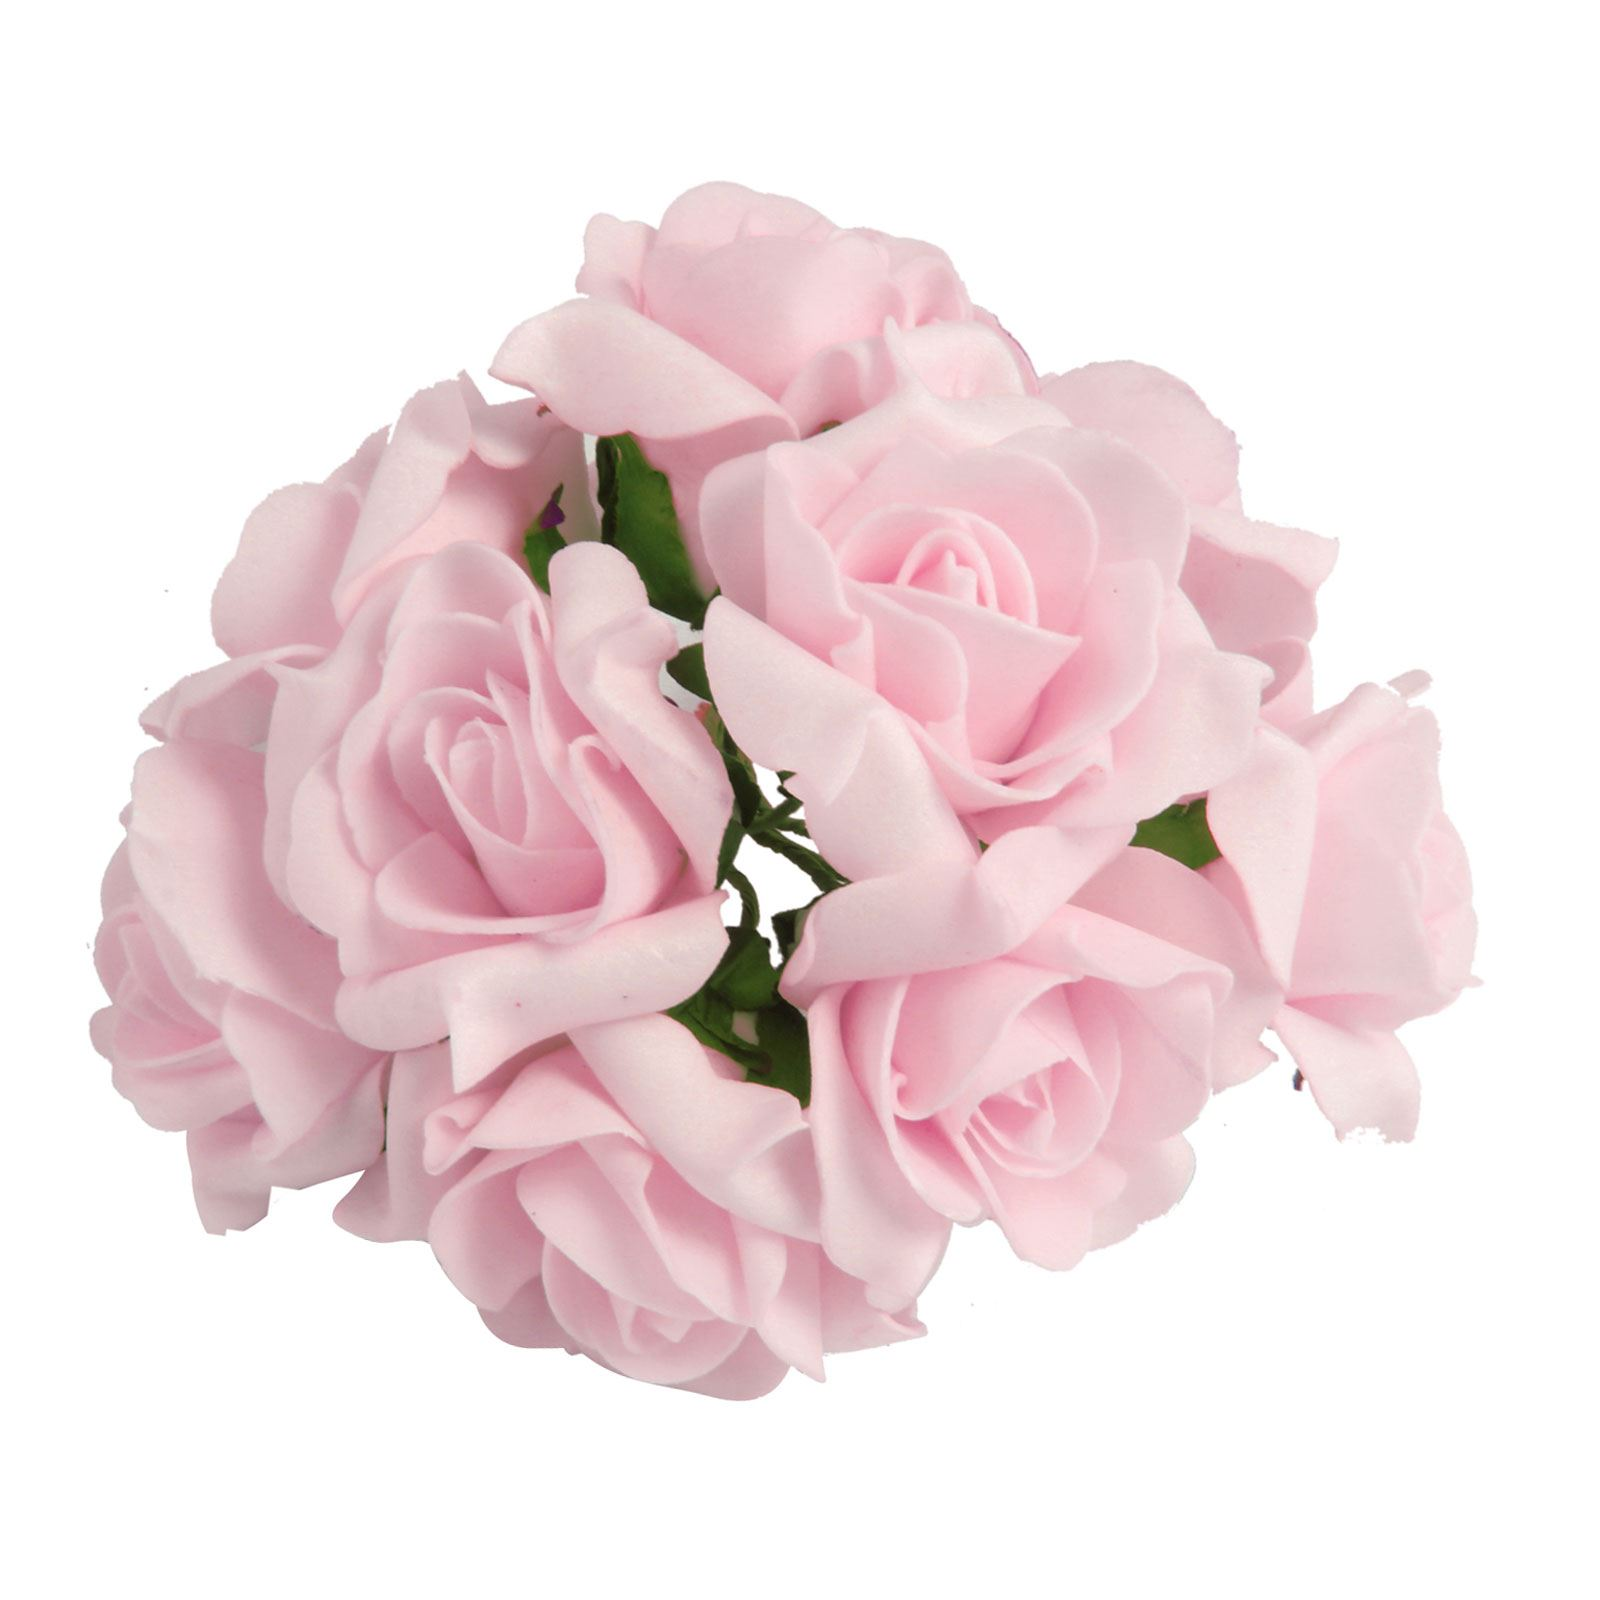 Bunch of 10 Post-Dye Foam Roses! Foam Wedding Flowers Artificial ...